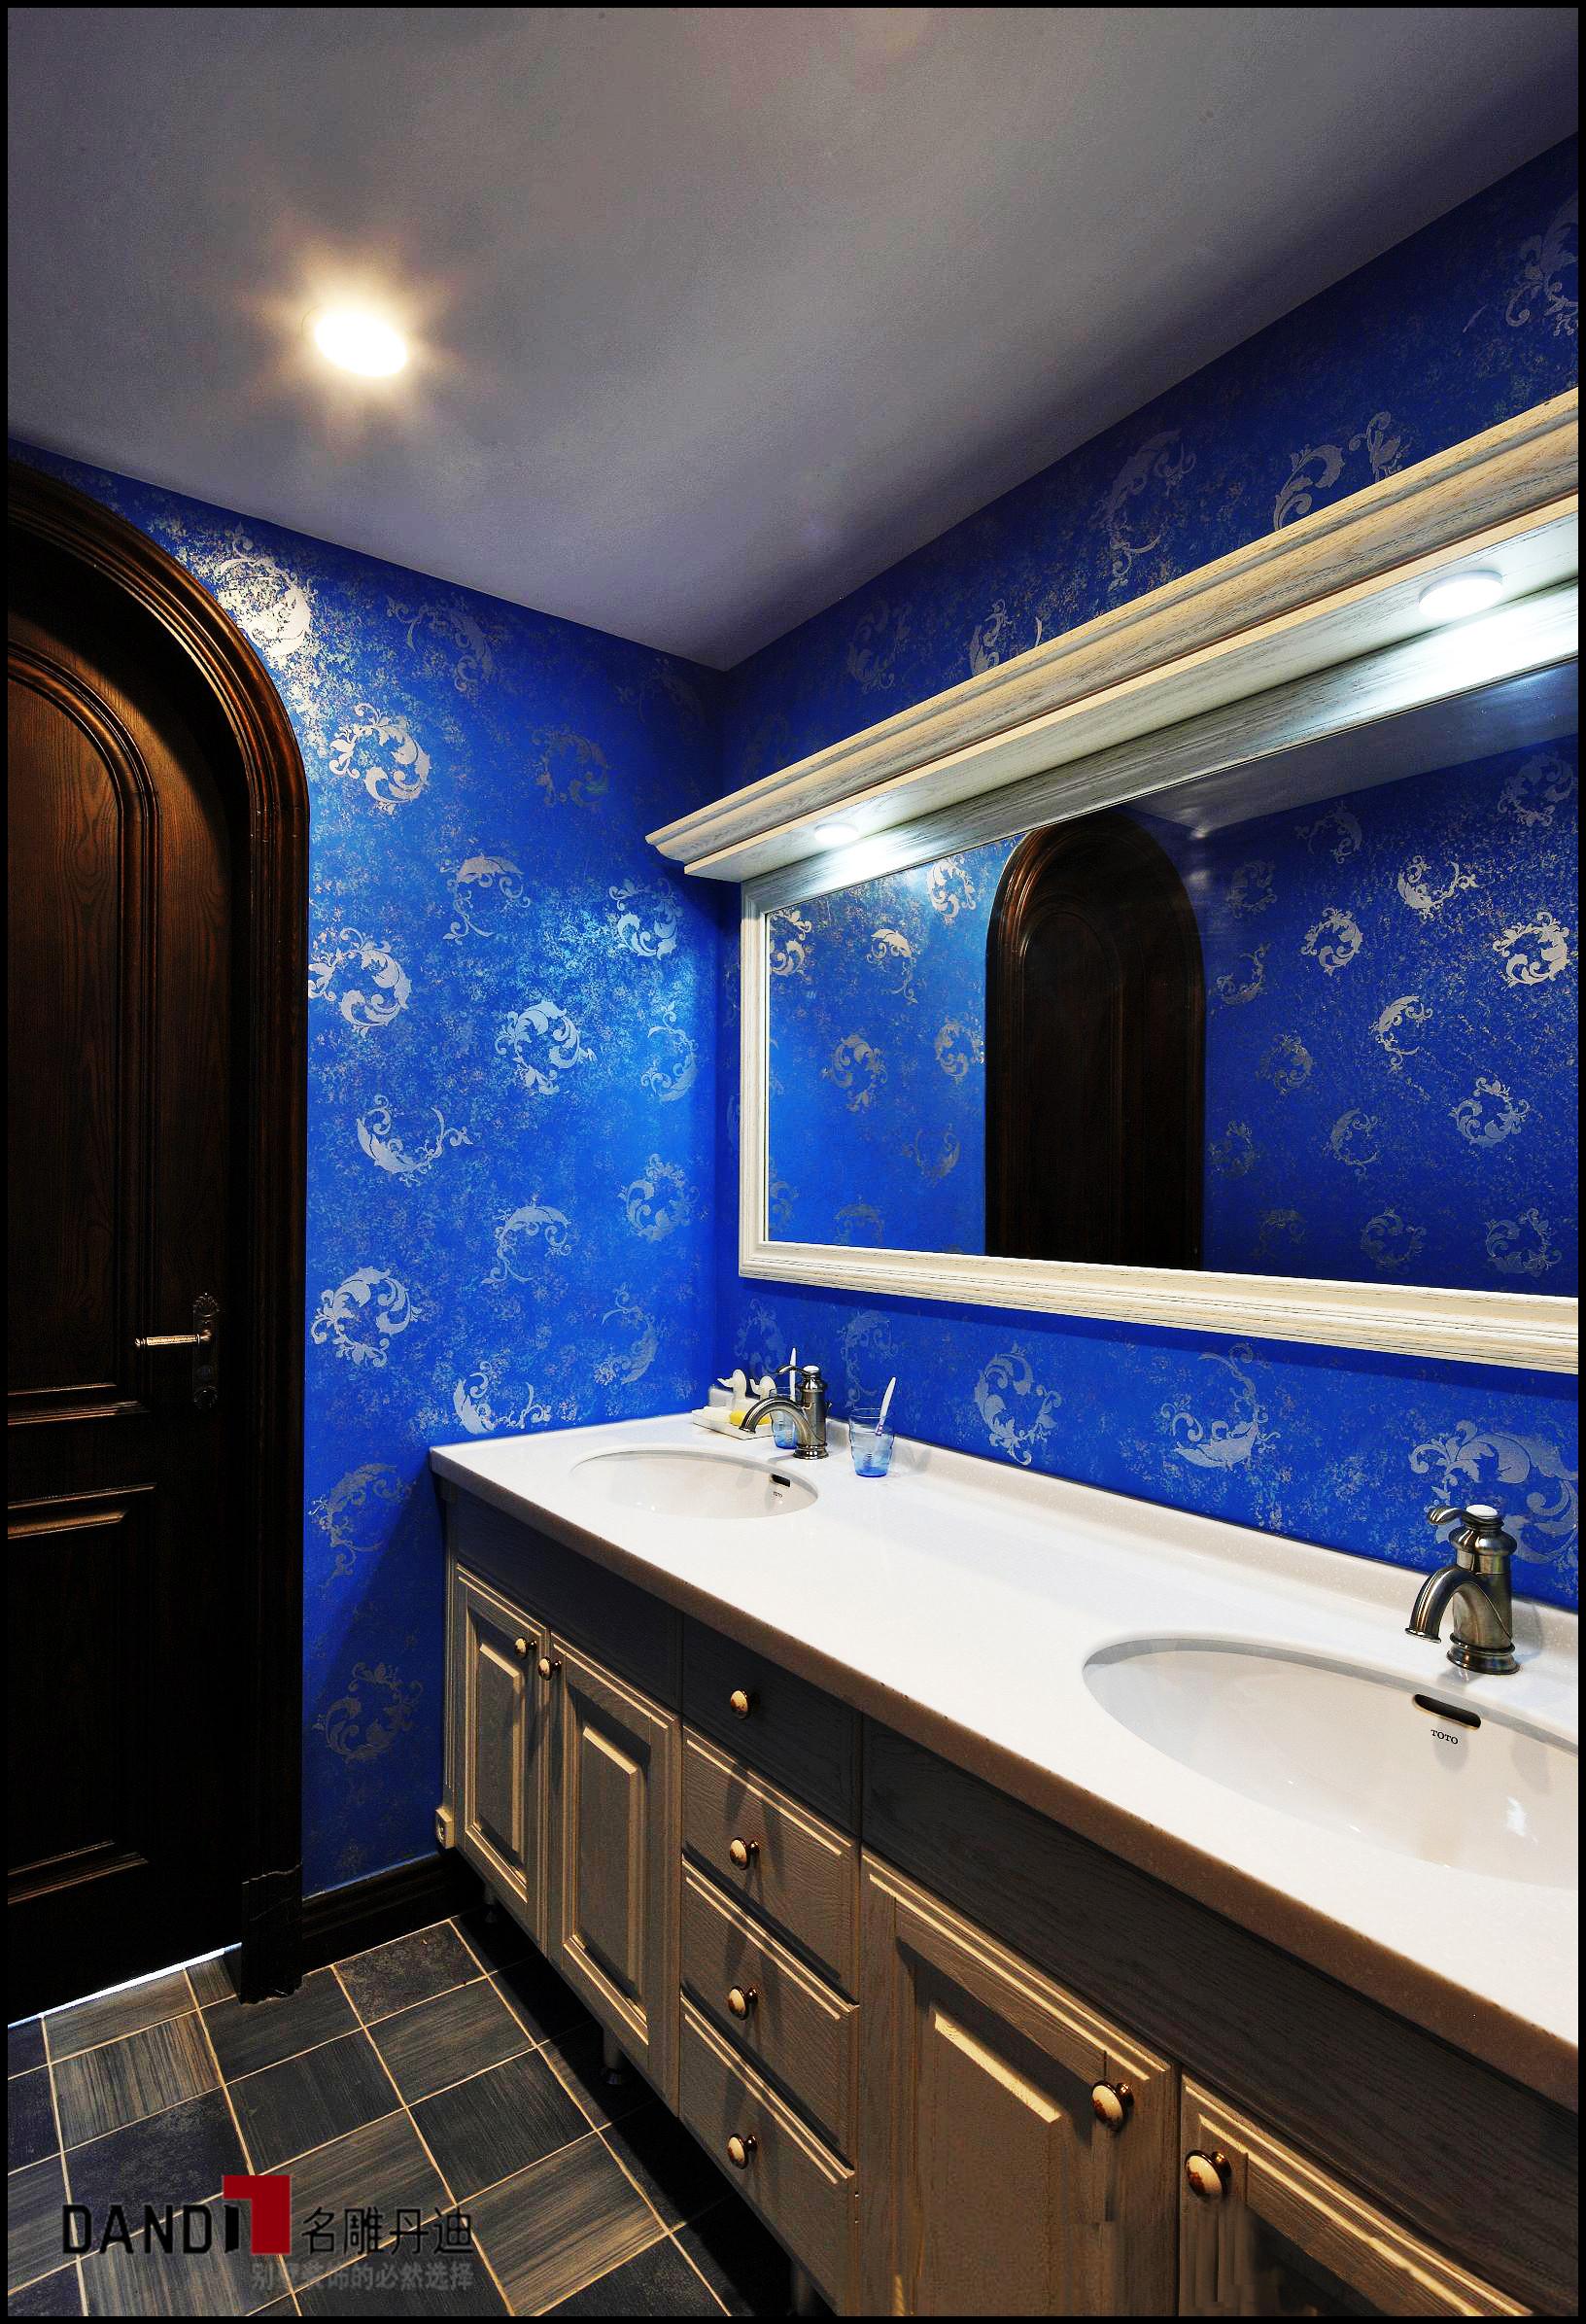 风格西班牙模特居家随意富有情趣卫生间卫生间情趣内衣别墅赚能图片